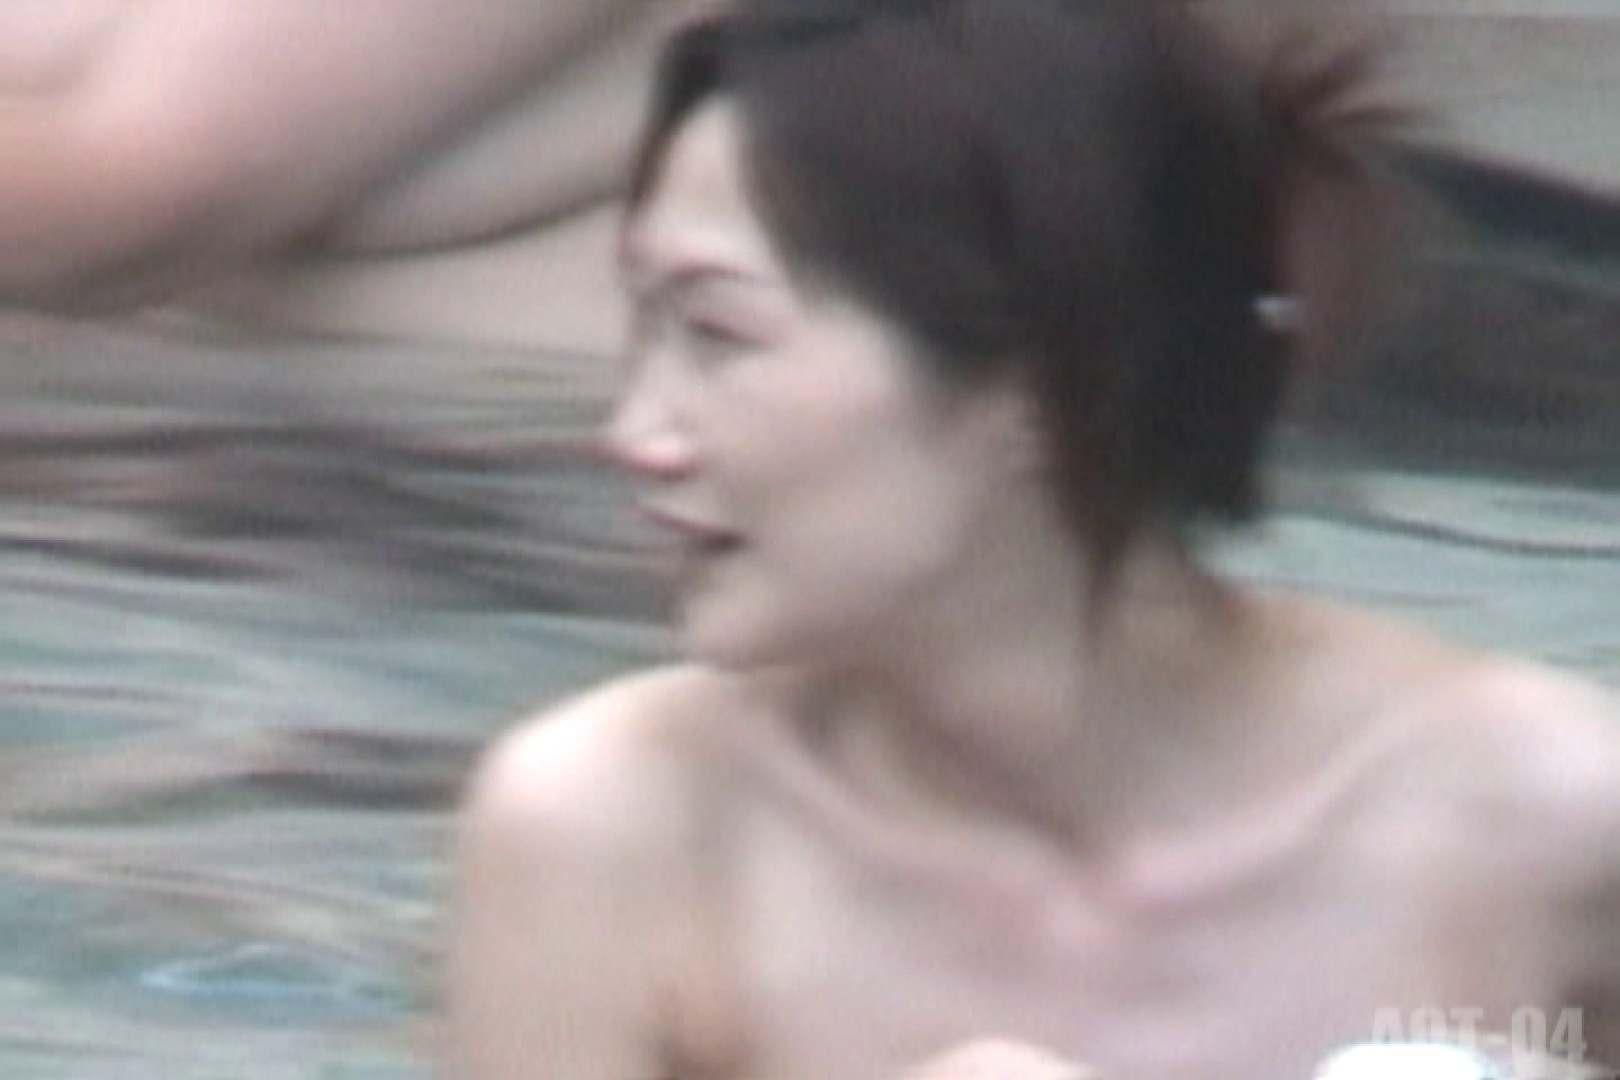 Aquaな露天風呂Vol.739 美しいOLの裸体 隠し撮りオマンコ動画紹介 88pic 8